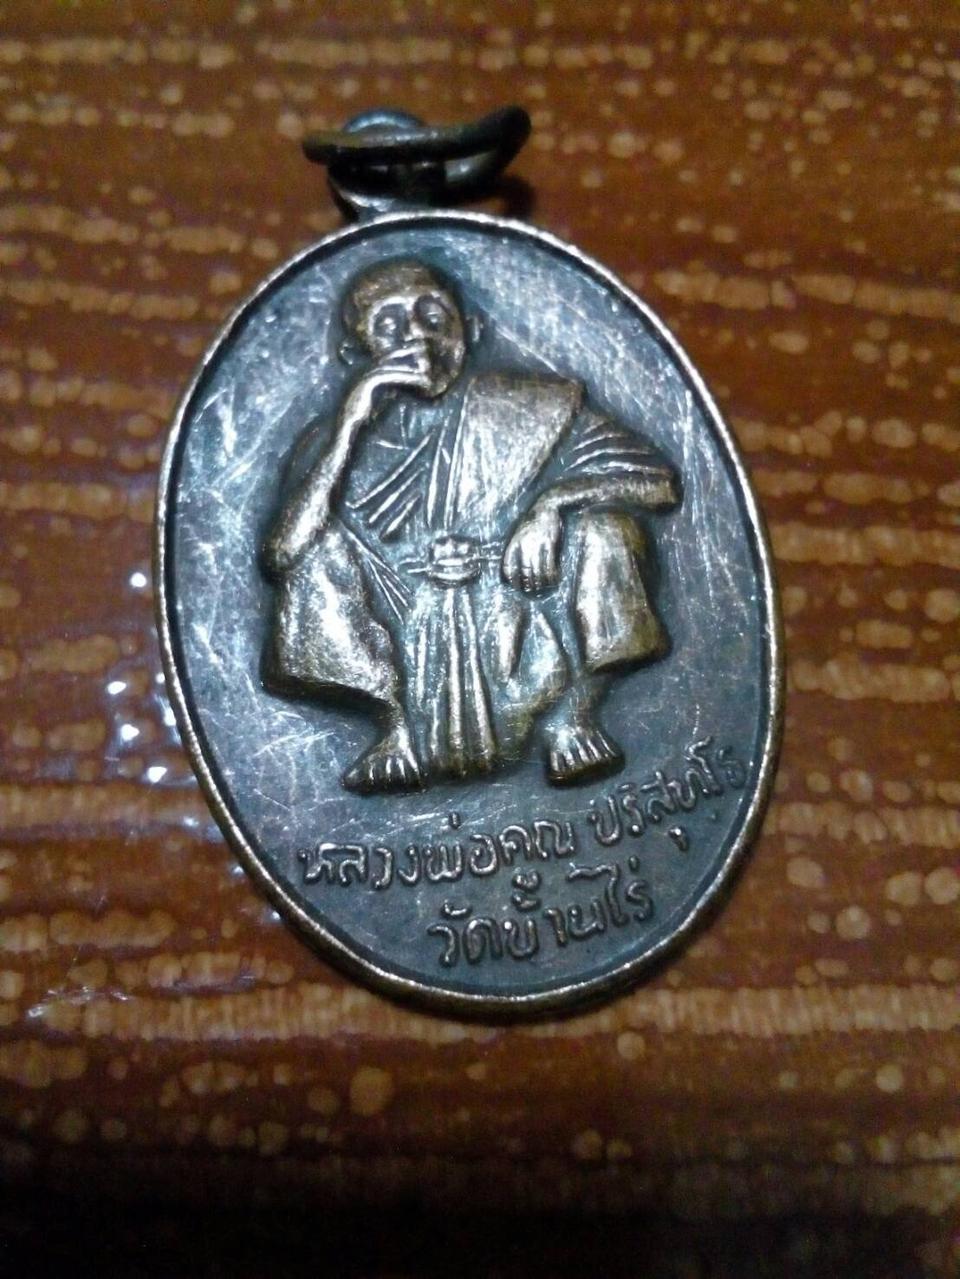 เหรียญหลงพ่อคูณรุ่นโชคทวีคูณ ปี 2536 รูปที่ 2